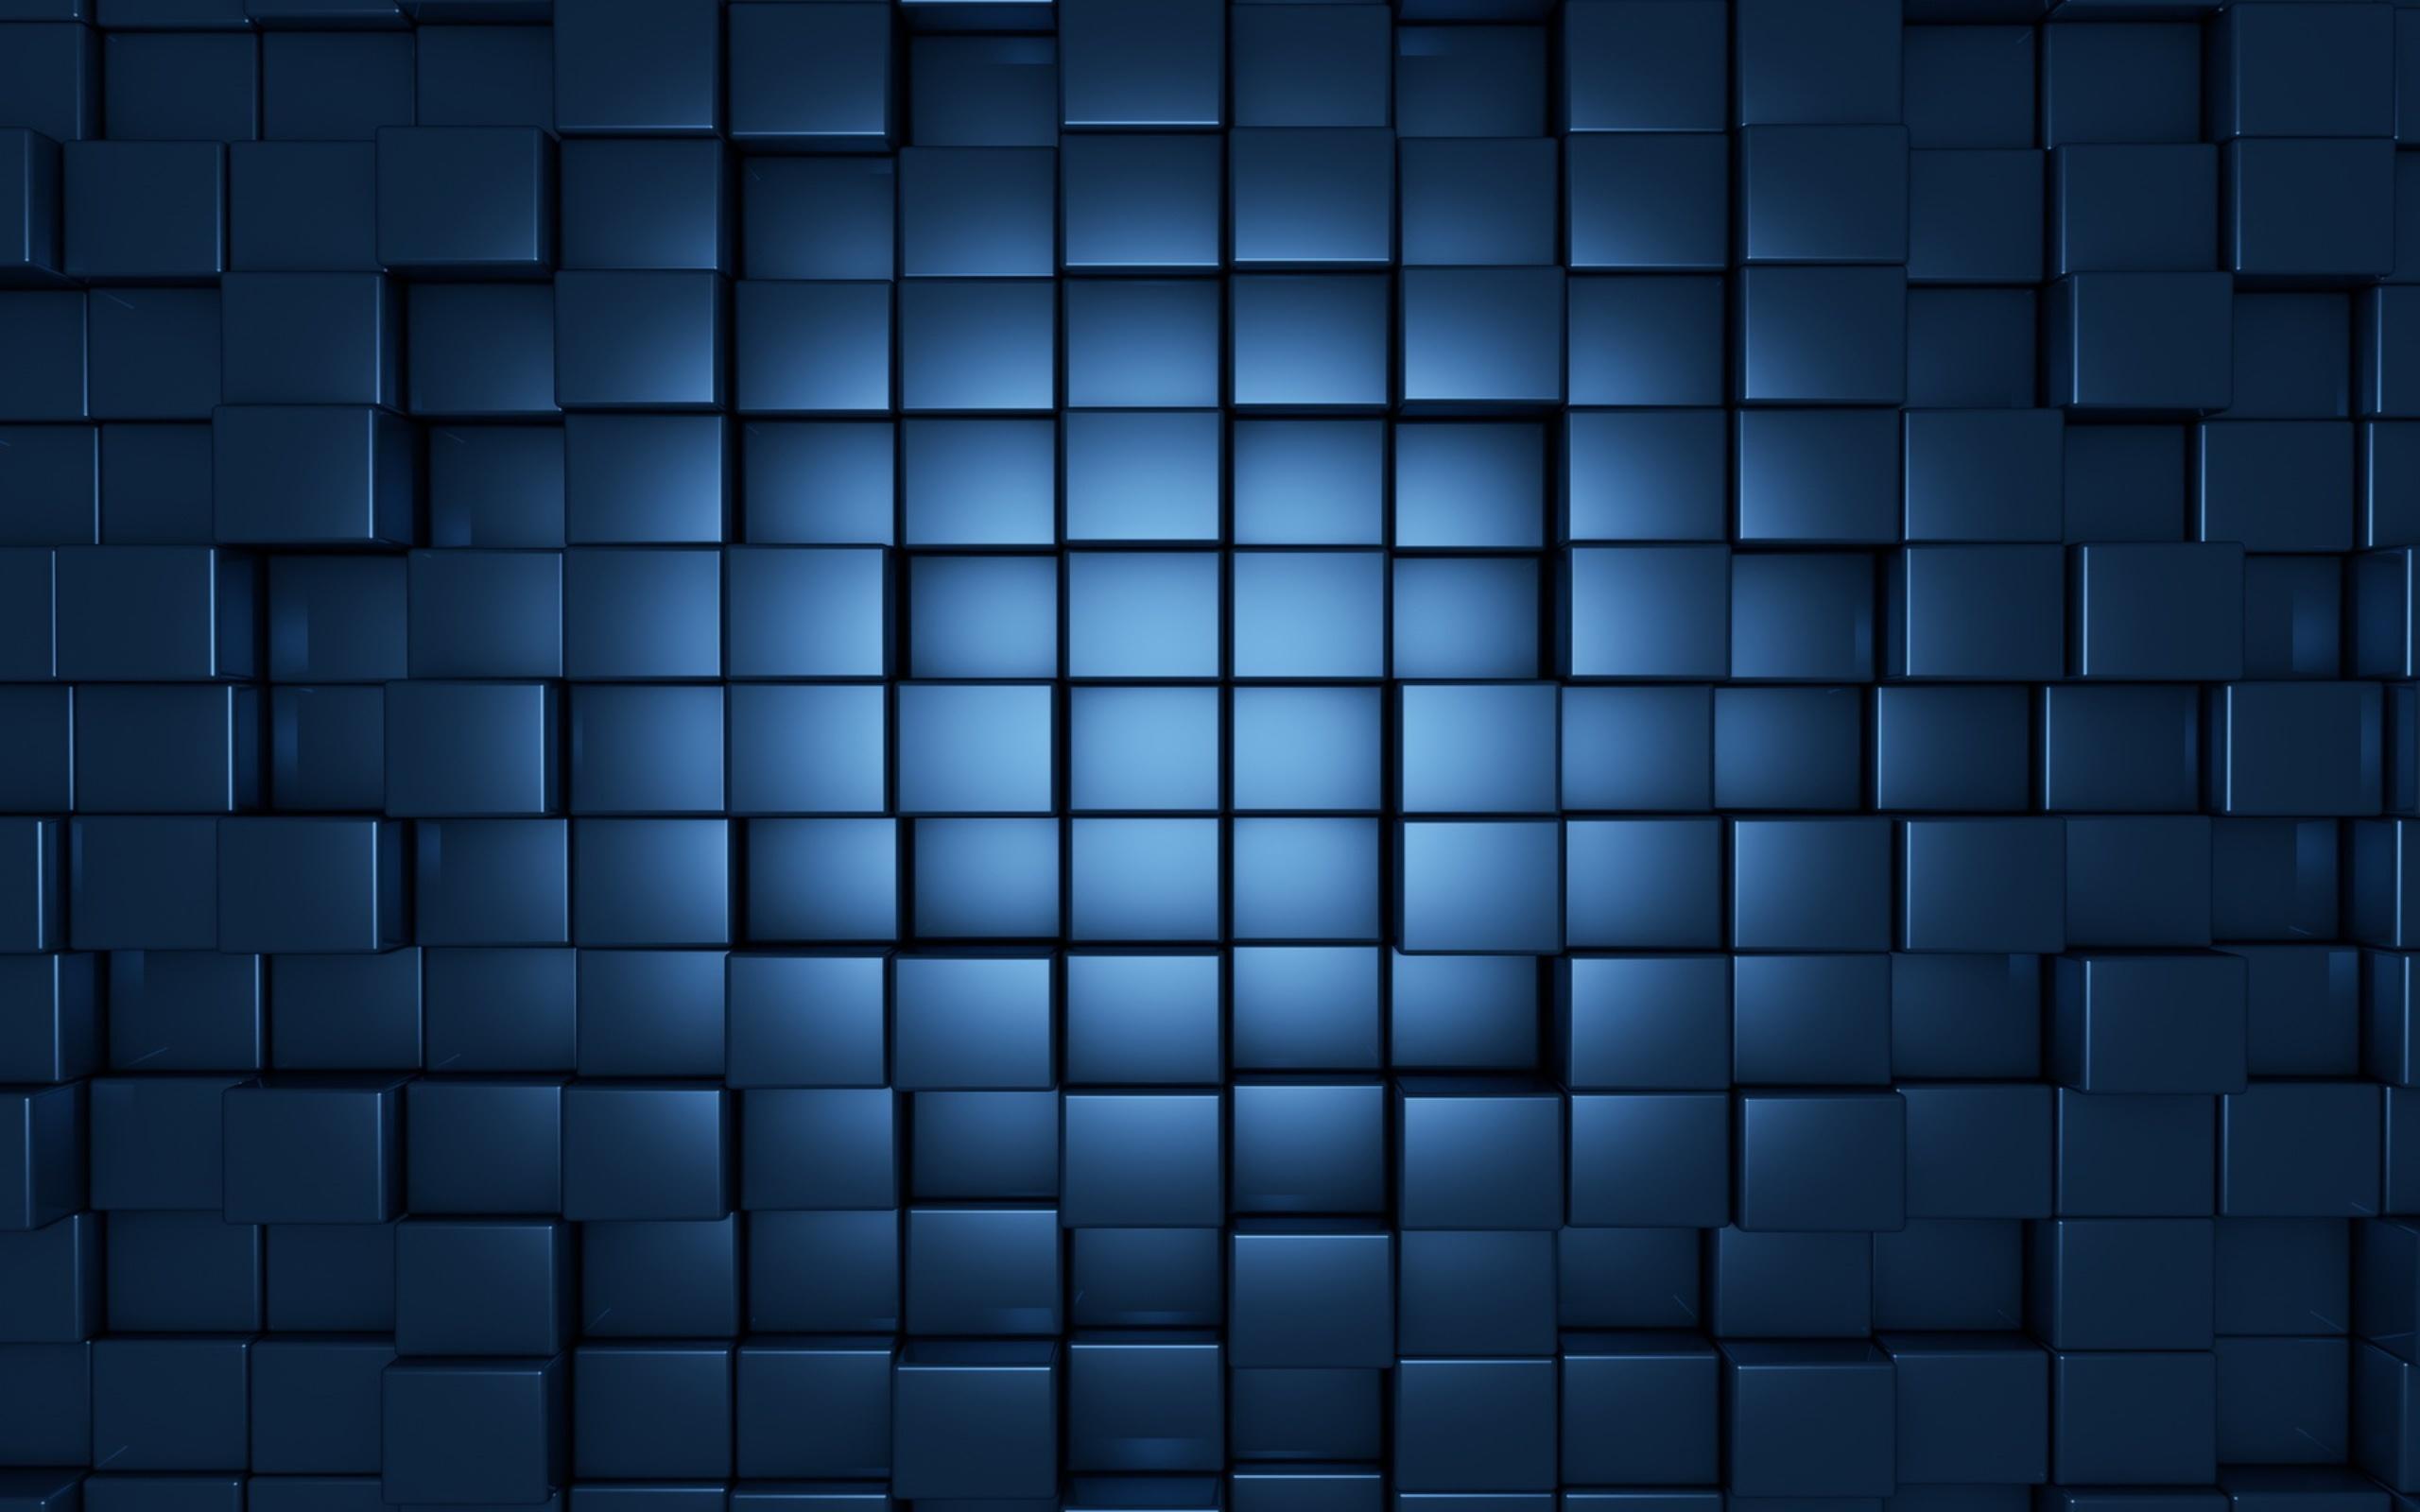 Объемные картинки квадраты